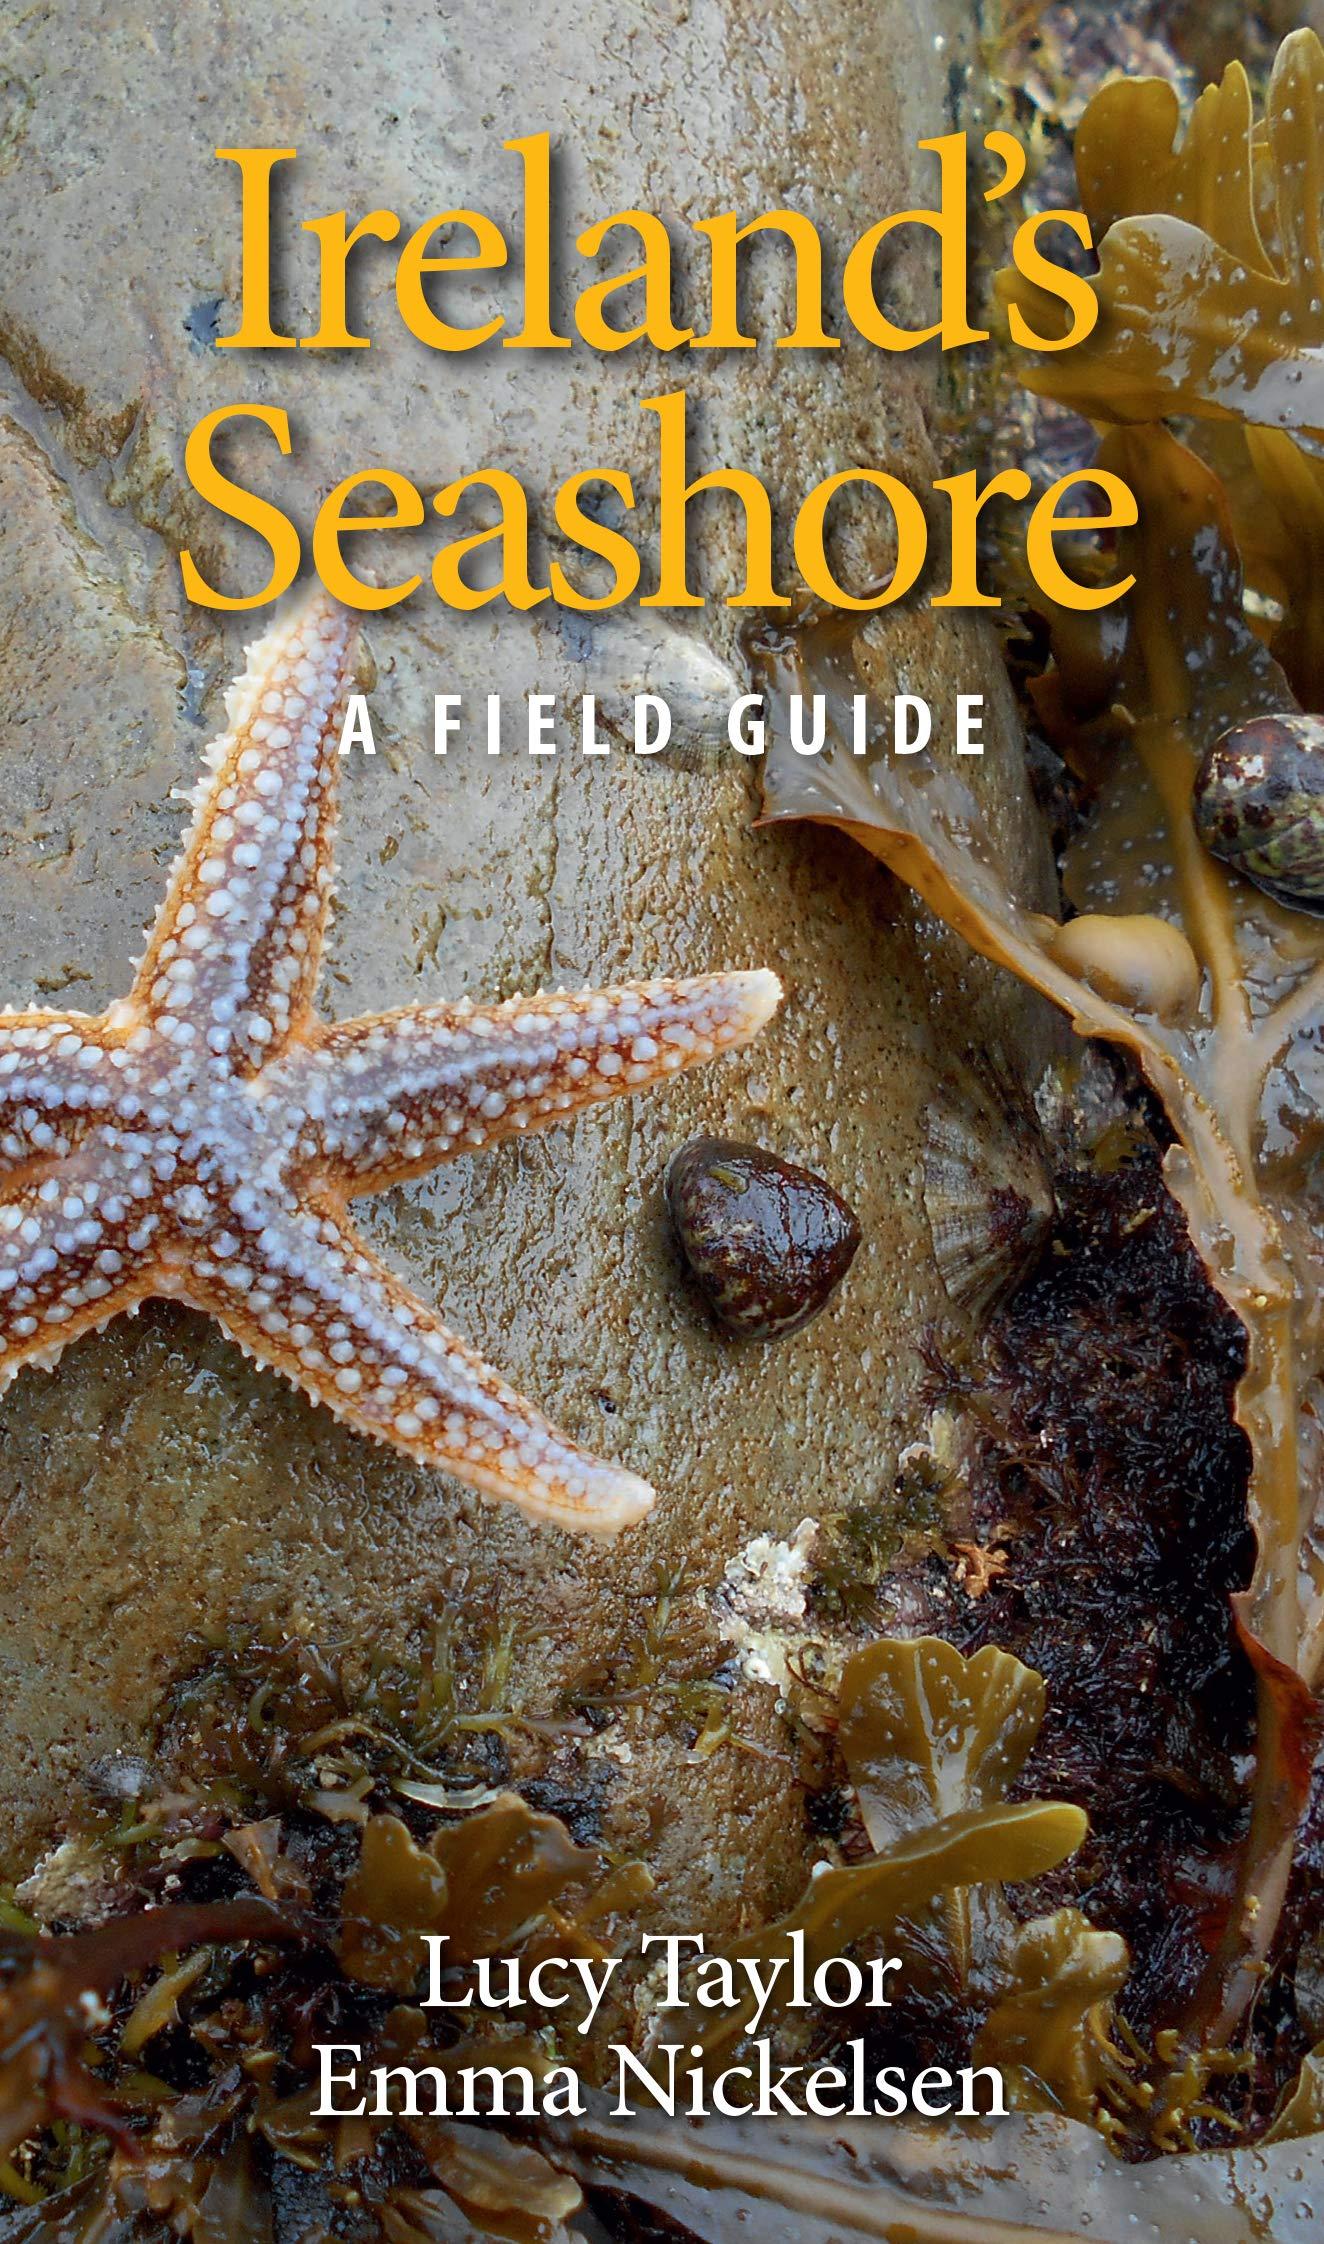 Ireland's Seashore: A Field Guide ebook